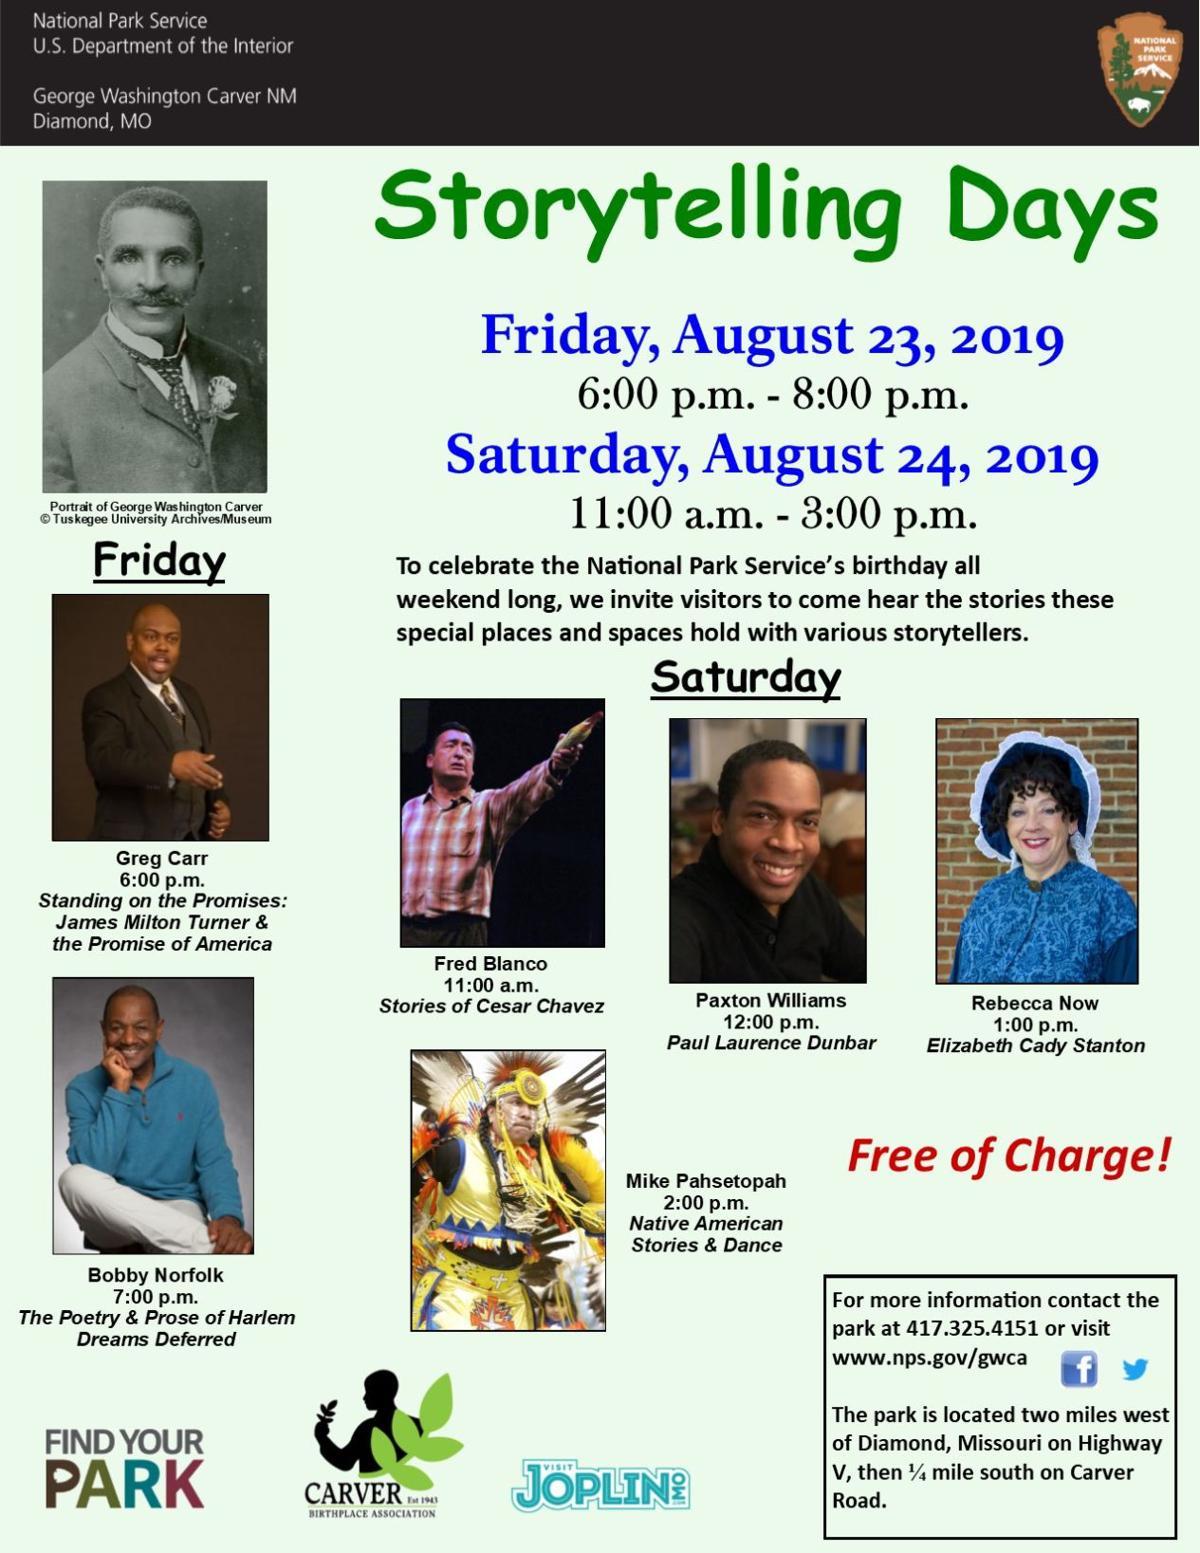 Storytelling Days 2019 at George Washington Carver National Monument